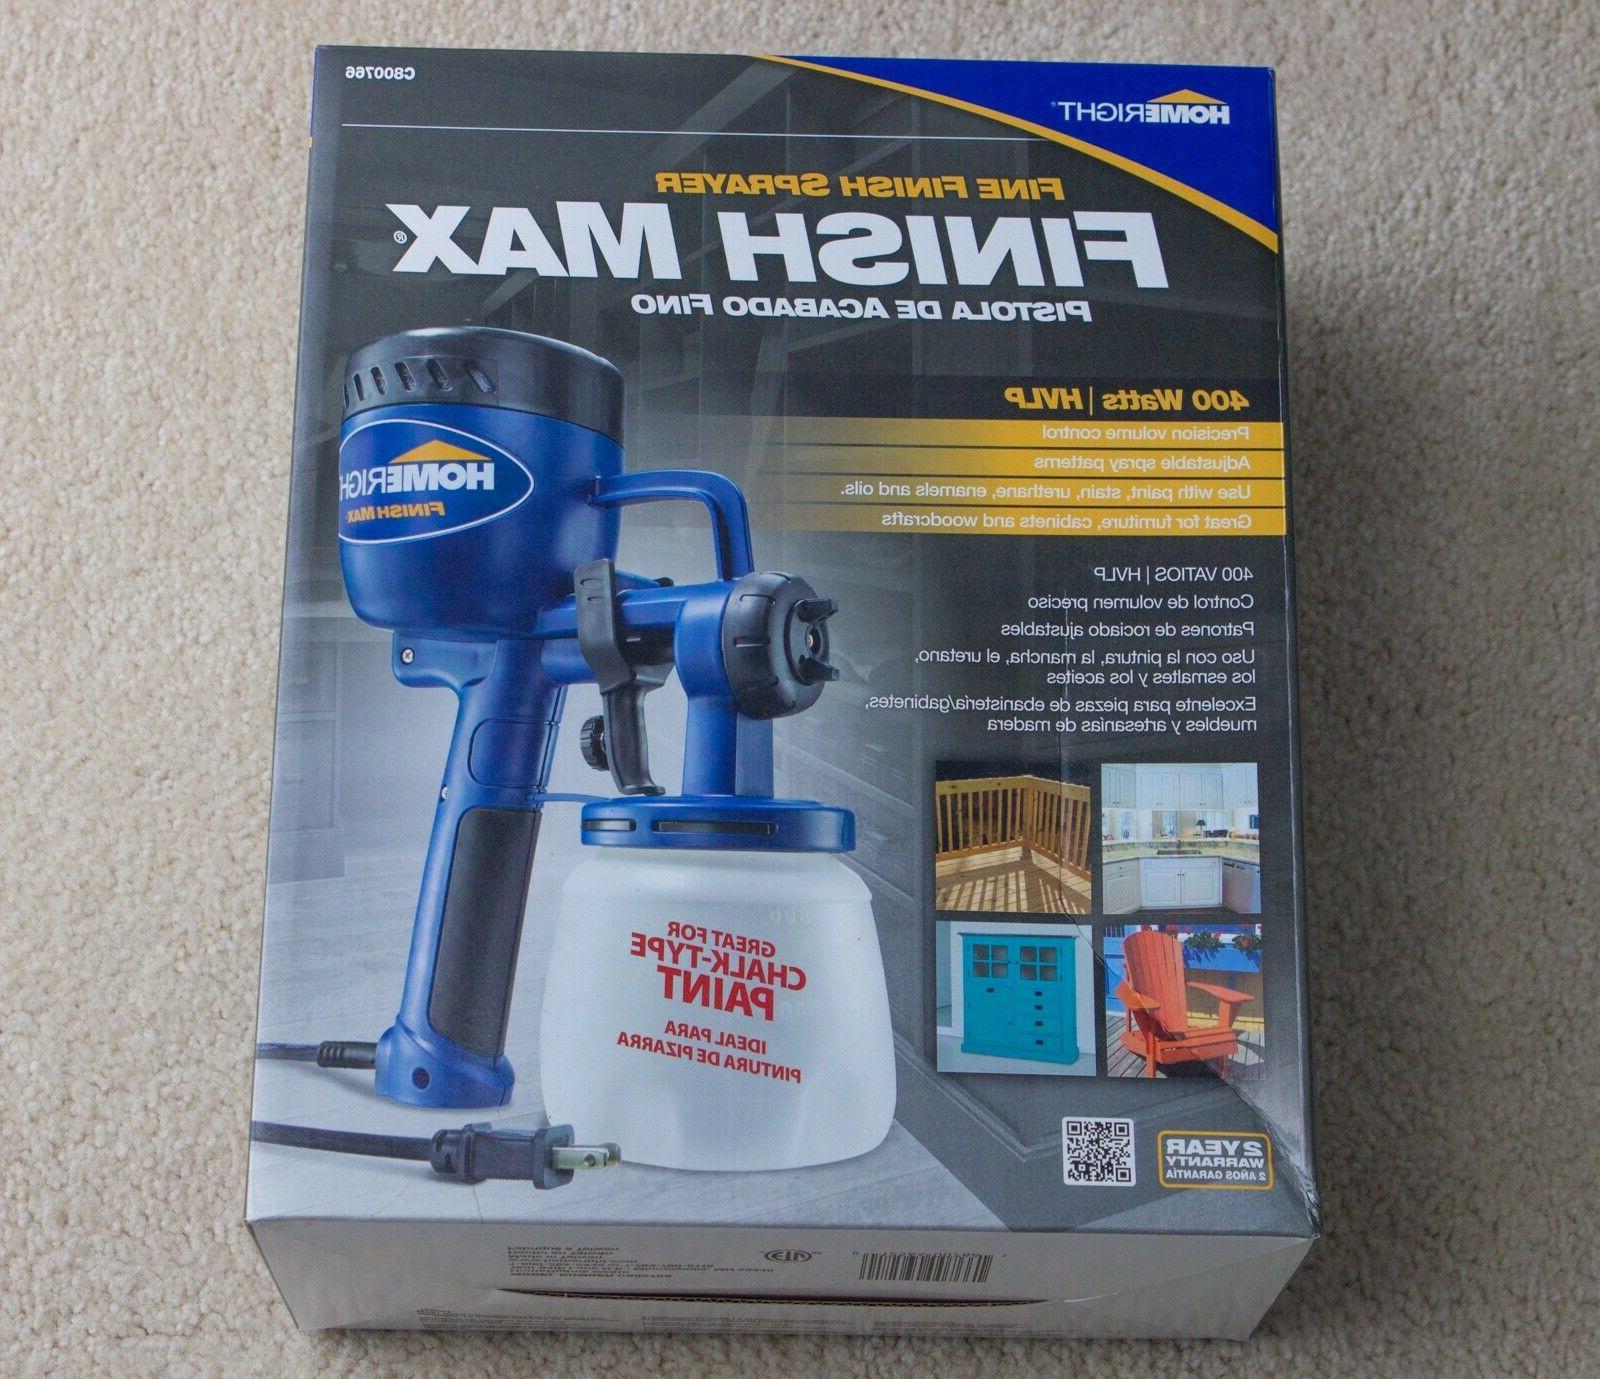 HOMERIGHT Finish Sprayer C800766 -